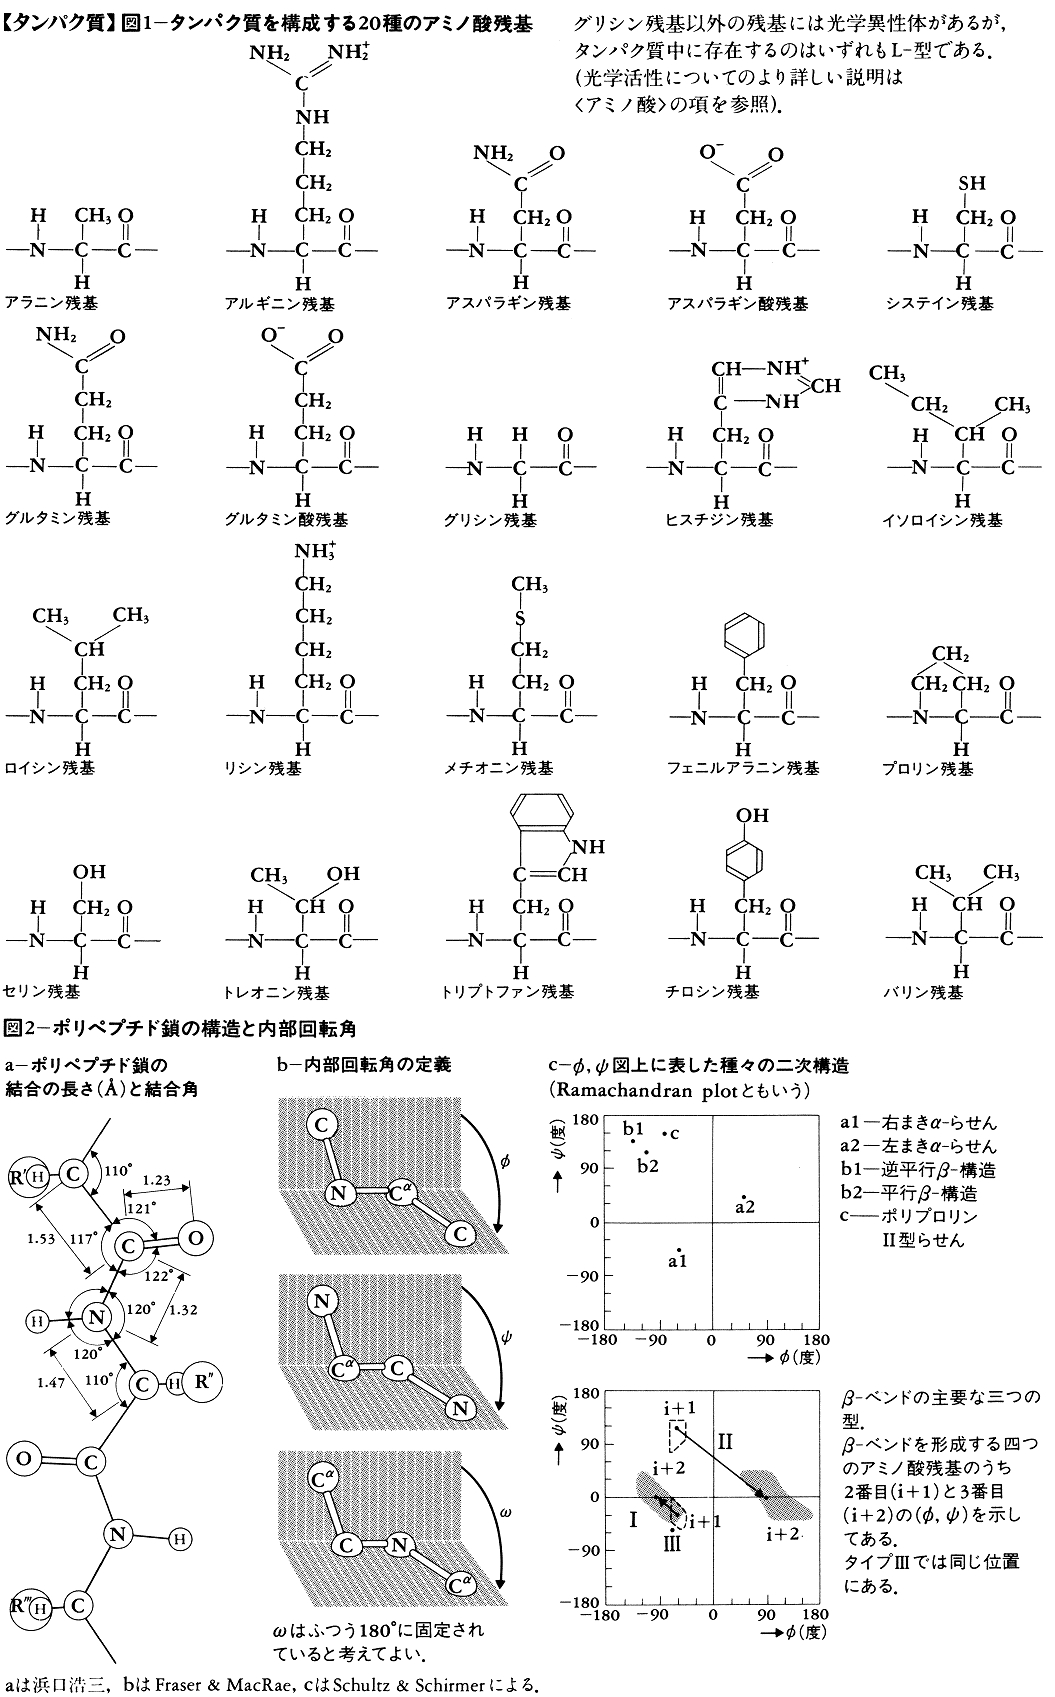 タンパク質 図1~図2